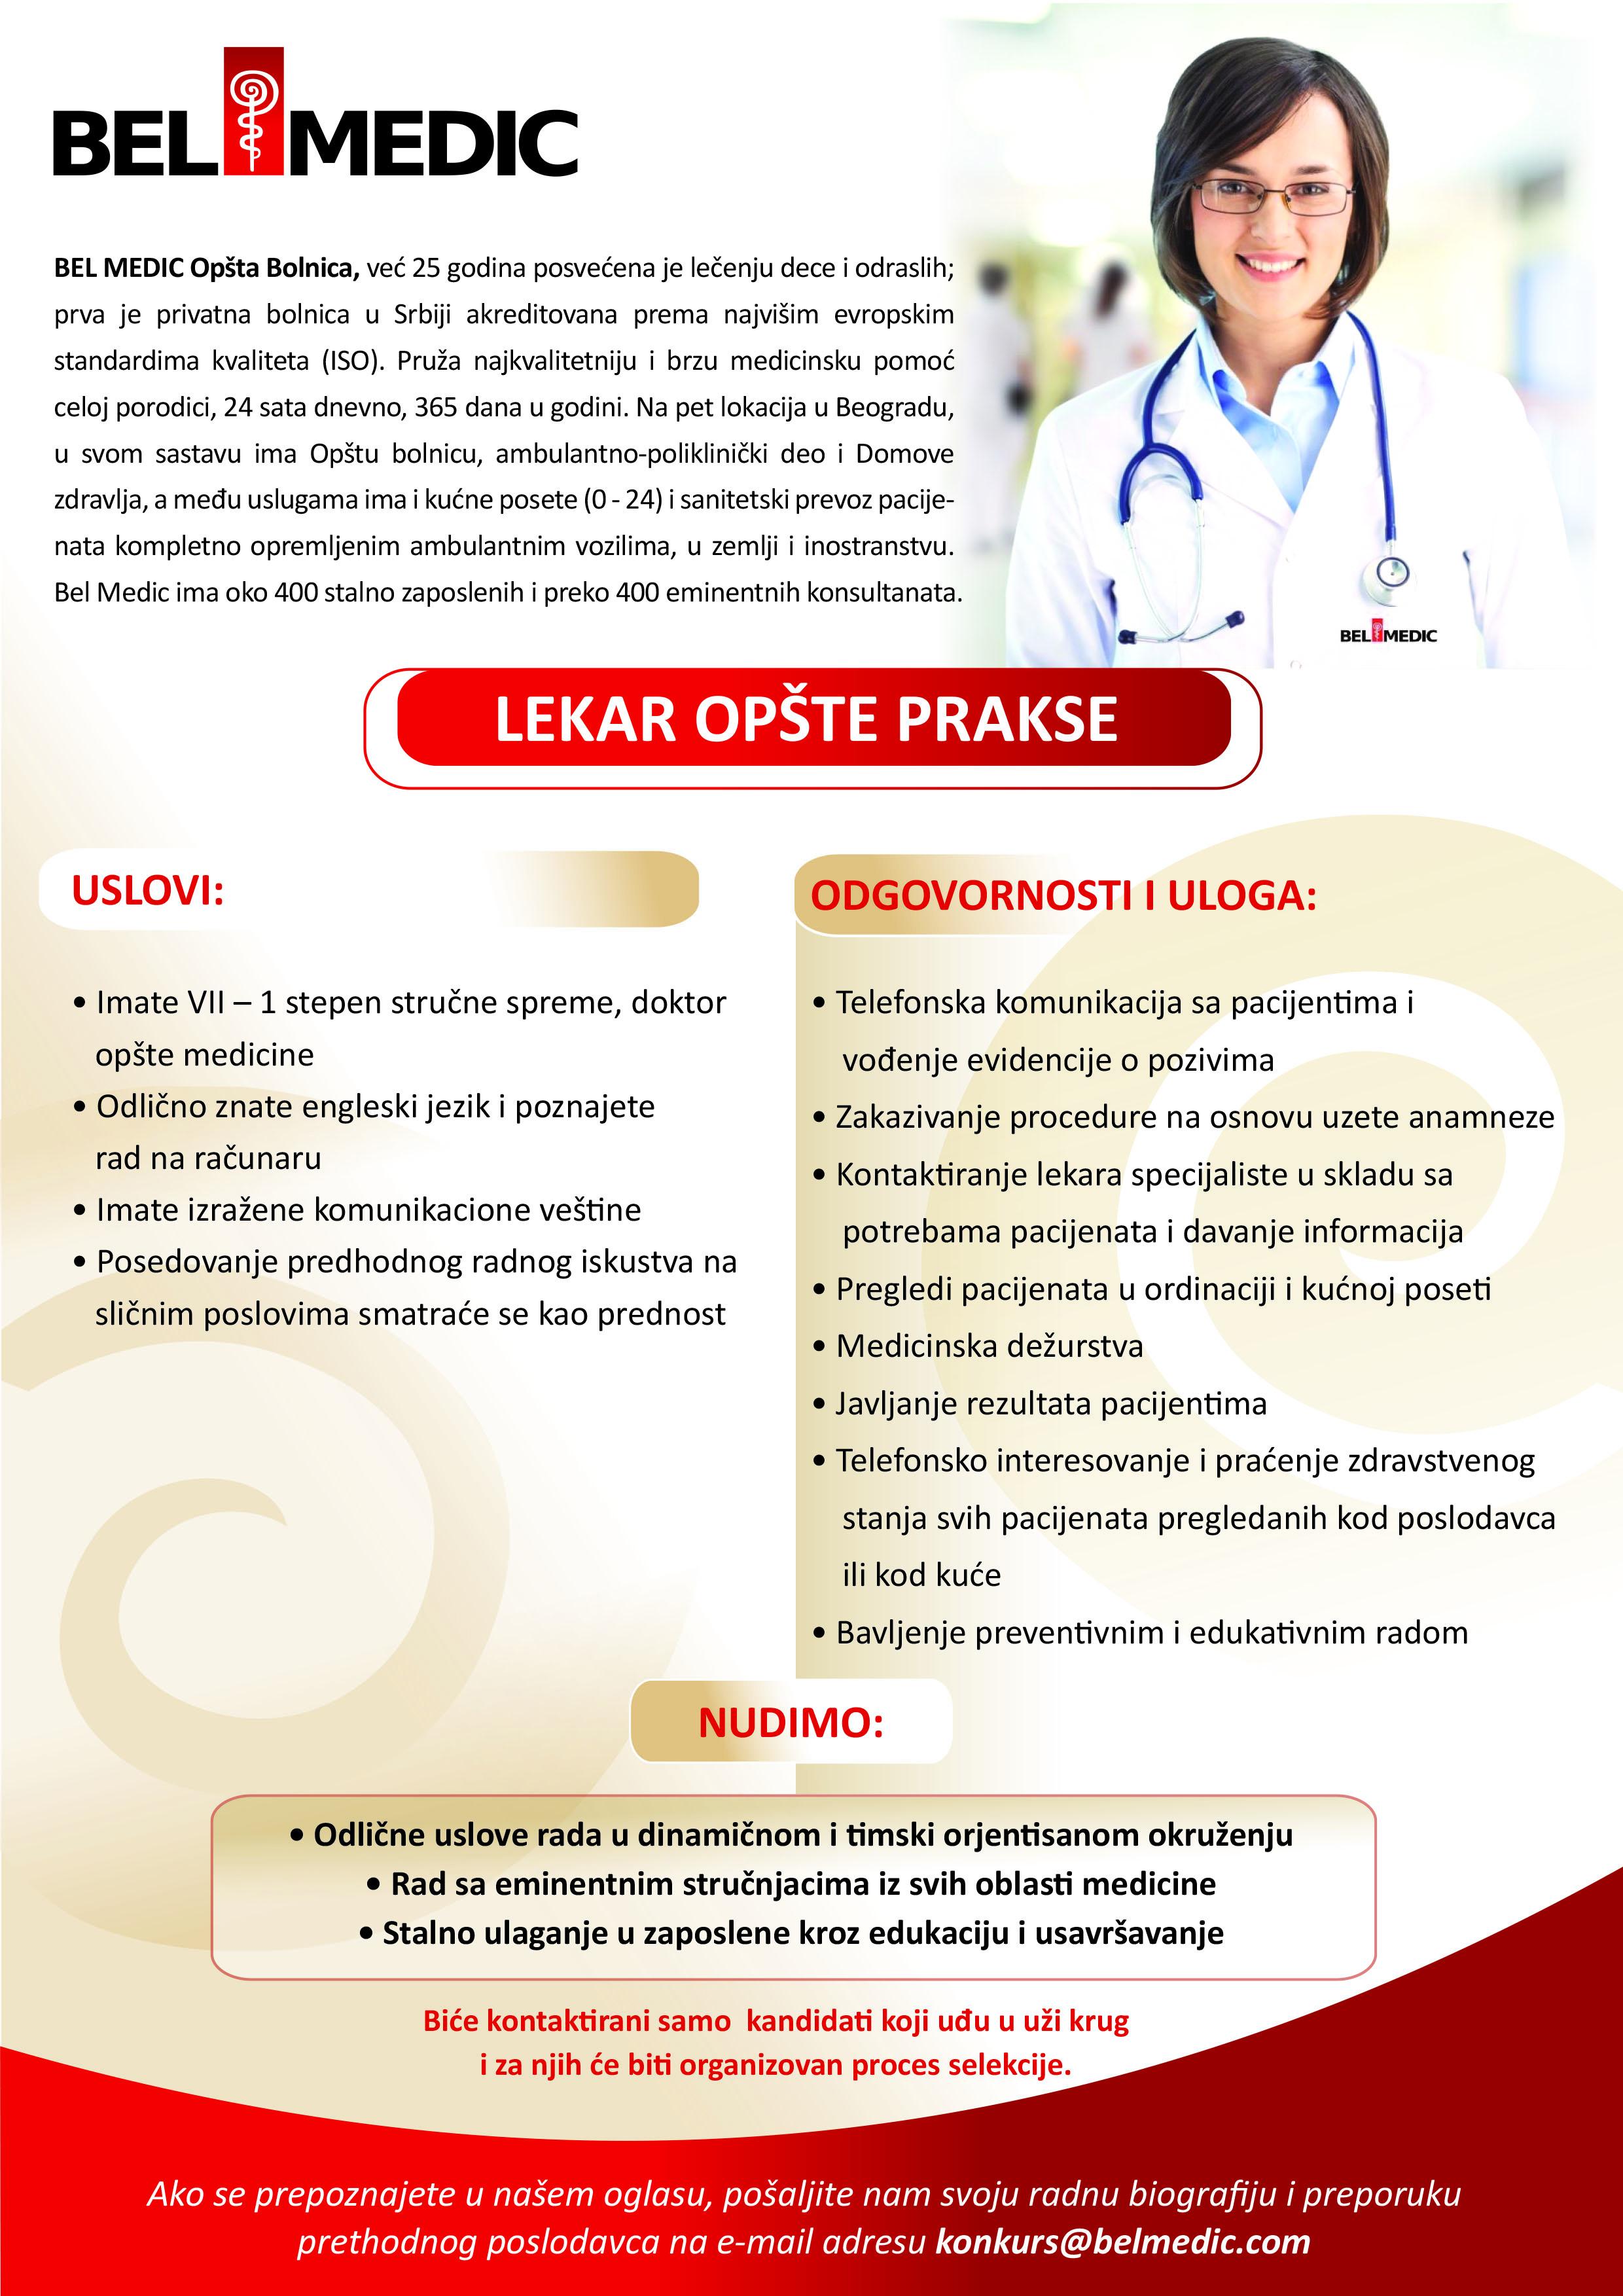 Oglas za posao - Lekar opšte prakse u bolnici Bel Medic